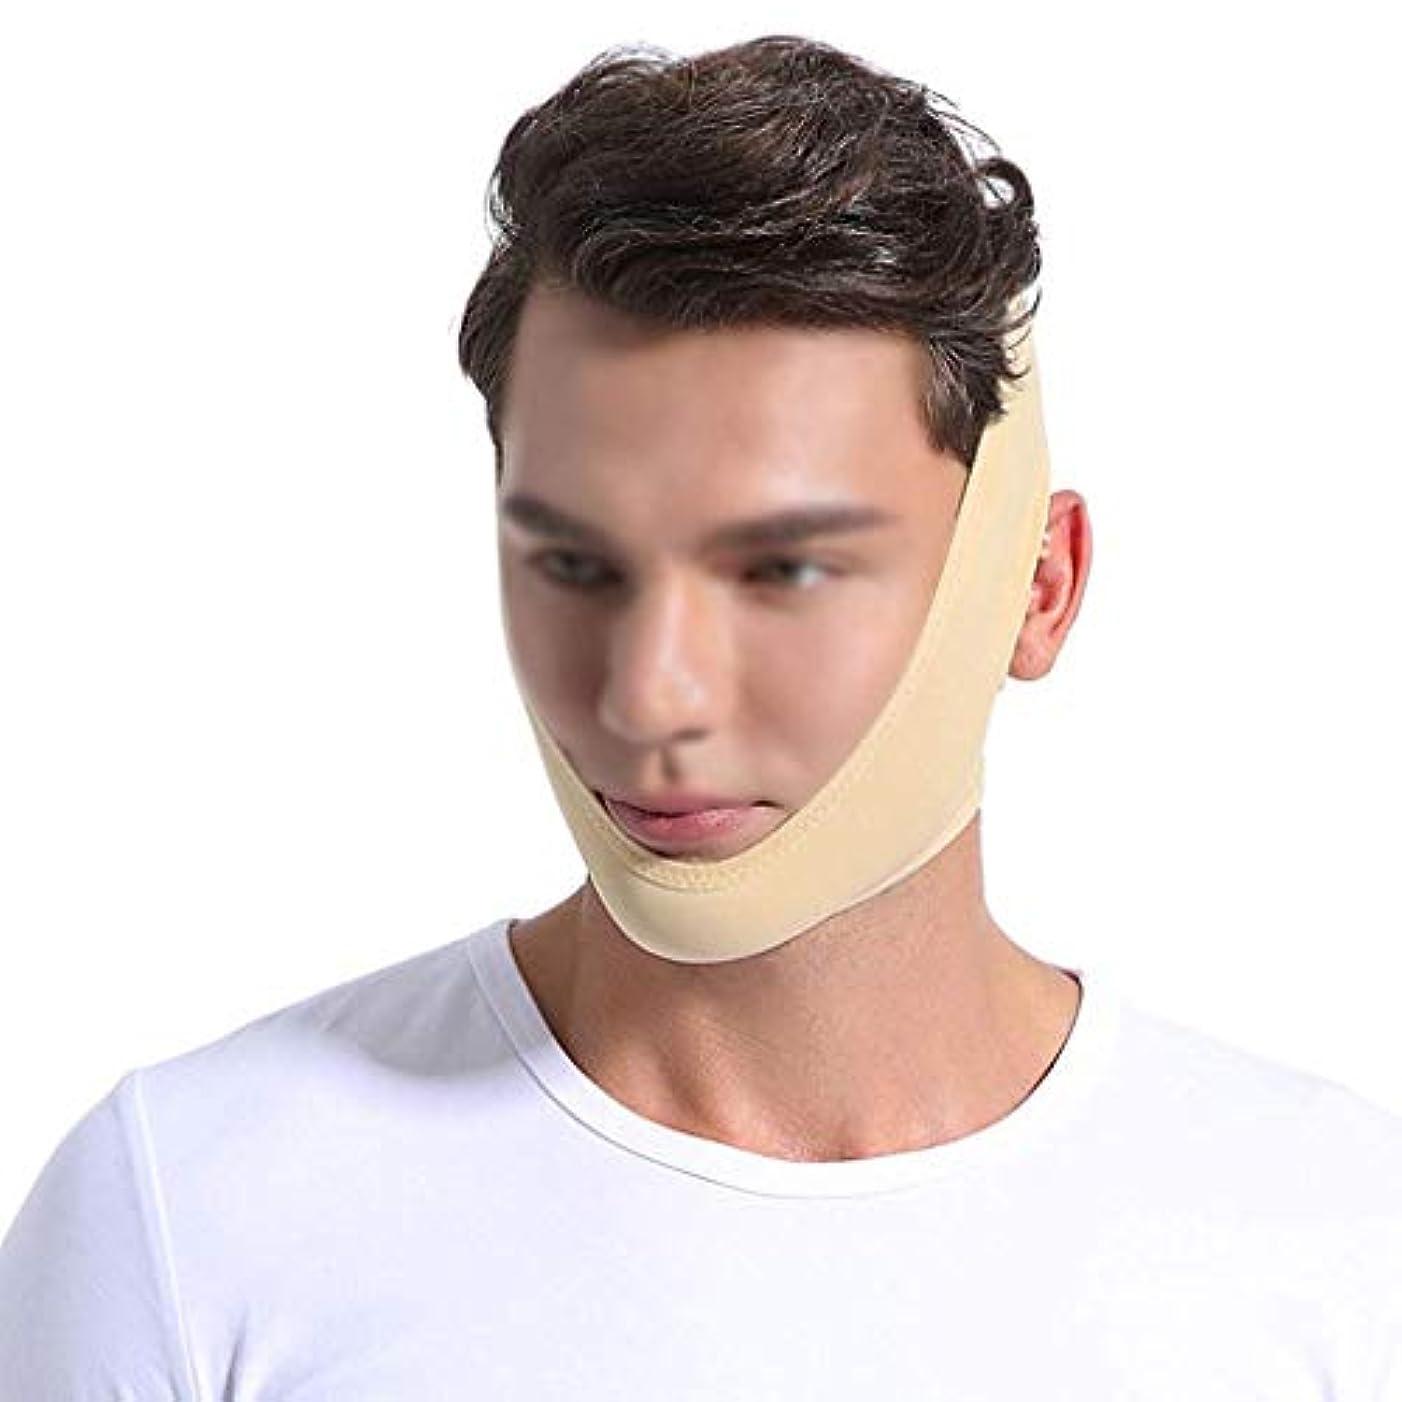 スイ裸小売医療用ワイヤーカービング後、リフティングマスクを再開し、男性と女性の顔の弾性包帯のヘッドギアは小さなVフェイスの薄いフェイスマスクを結びました